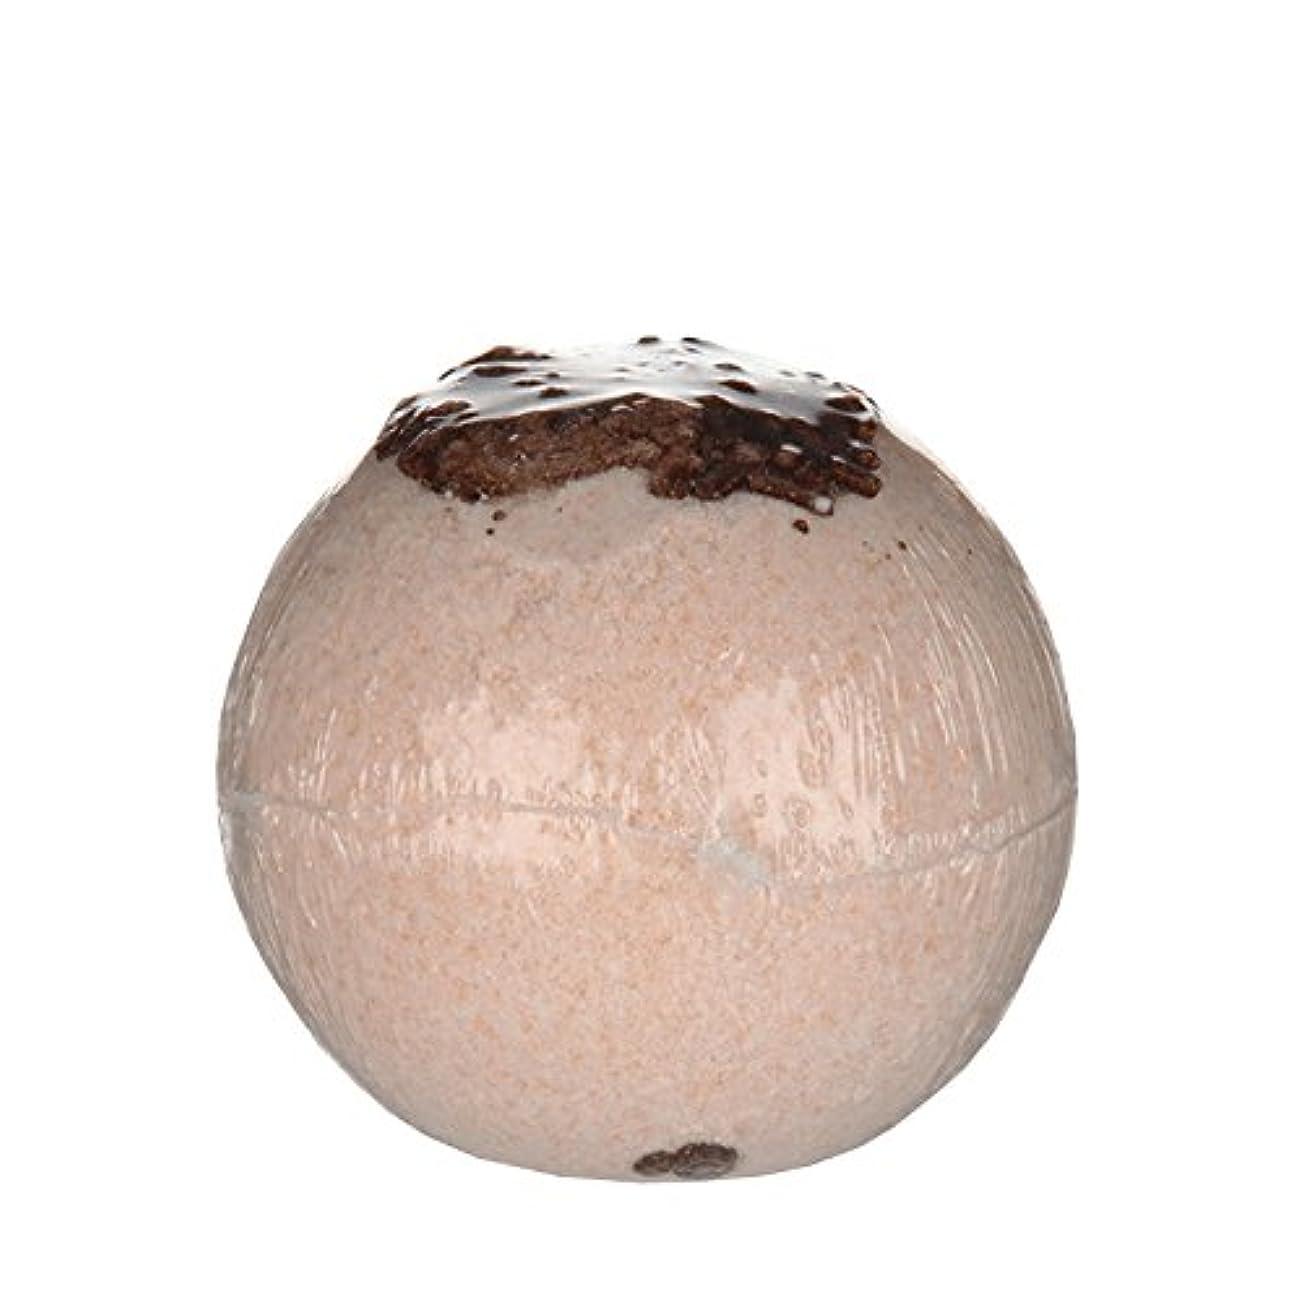 精巧なエラー正確Treetsバスボールココナッツチョコレート170グラム - Treets Bath Ball Coconut Chocolate 170g (Treets) [並行輸入品]